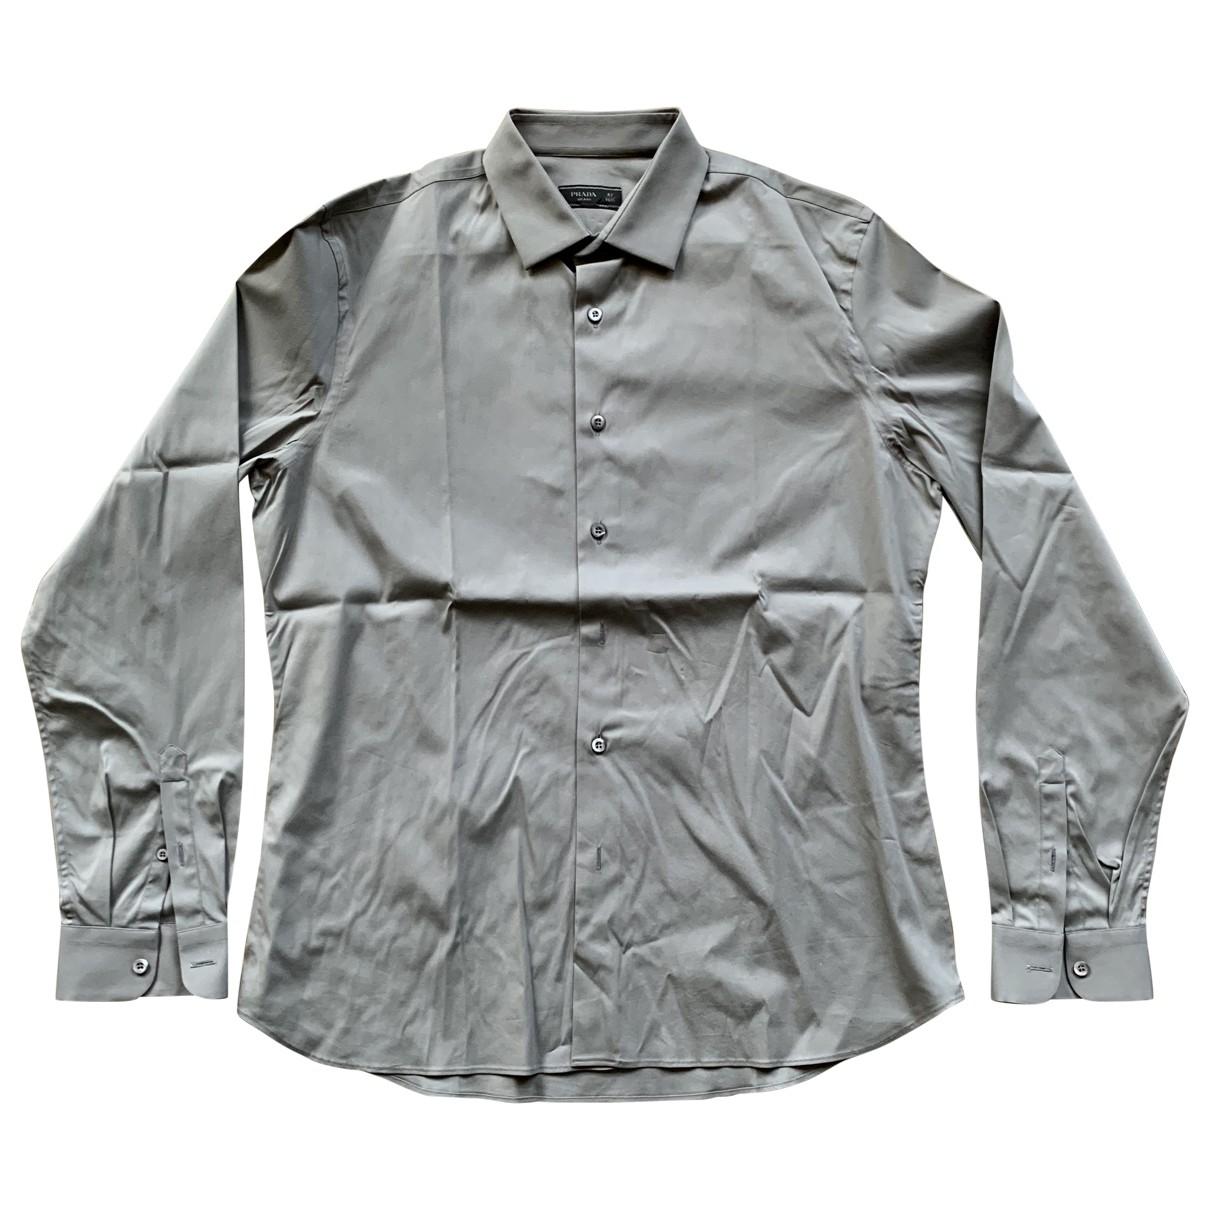 Prada \N Grey Cotton Shirts for Men 42 EU (tour de cou / collar)